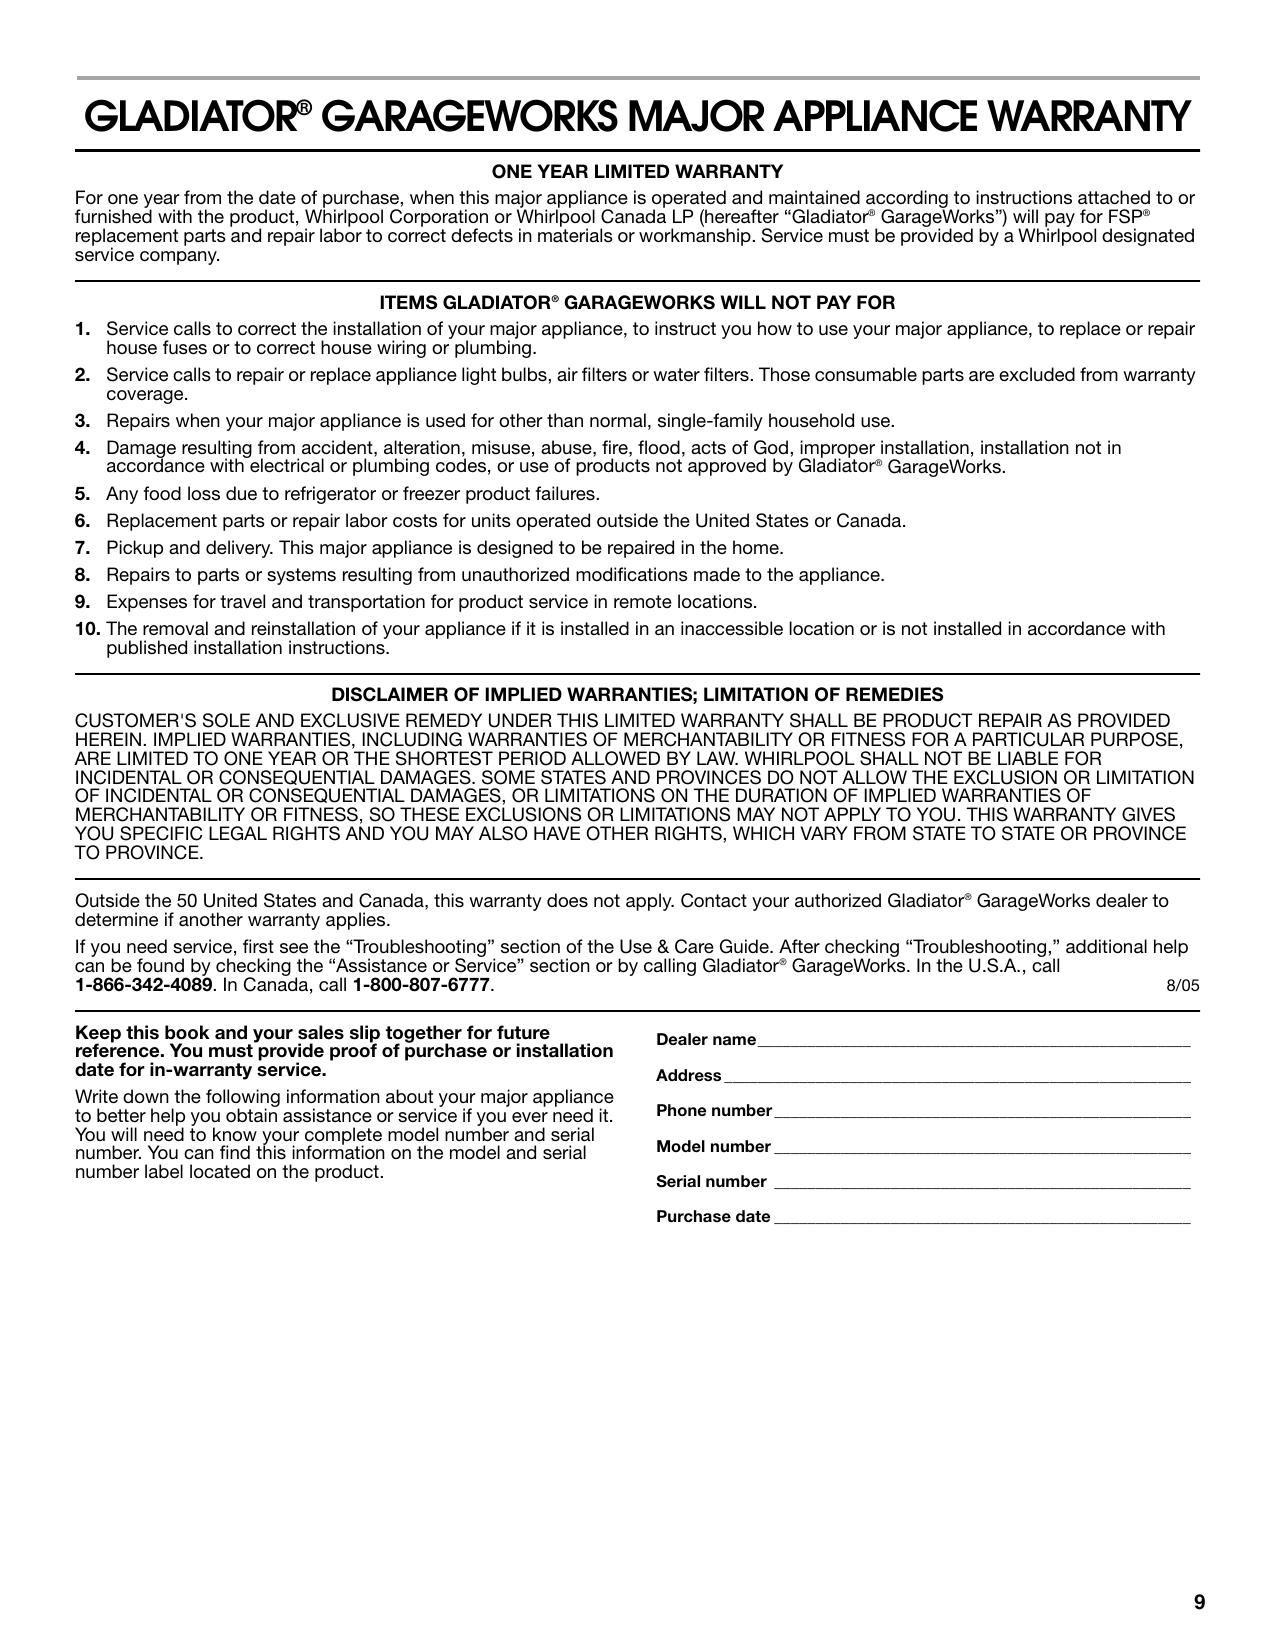 Whirlpool GACP15XXMG GACP15XXMG_Warranty_EN.pdf | Manualzz